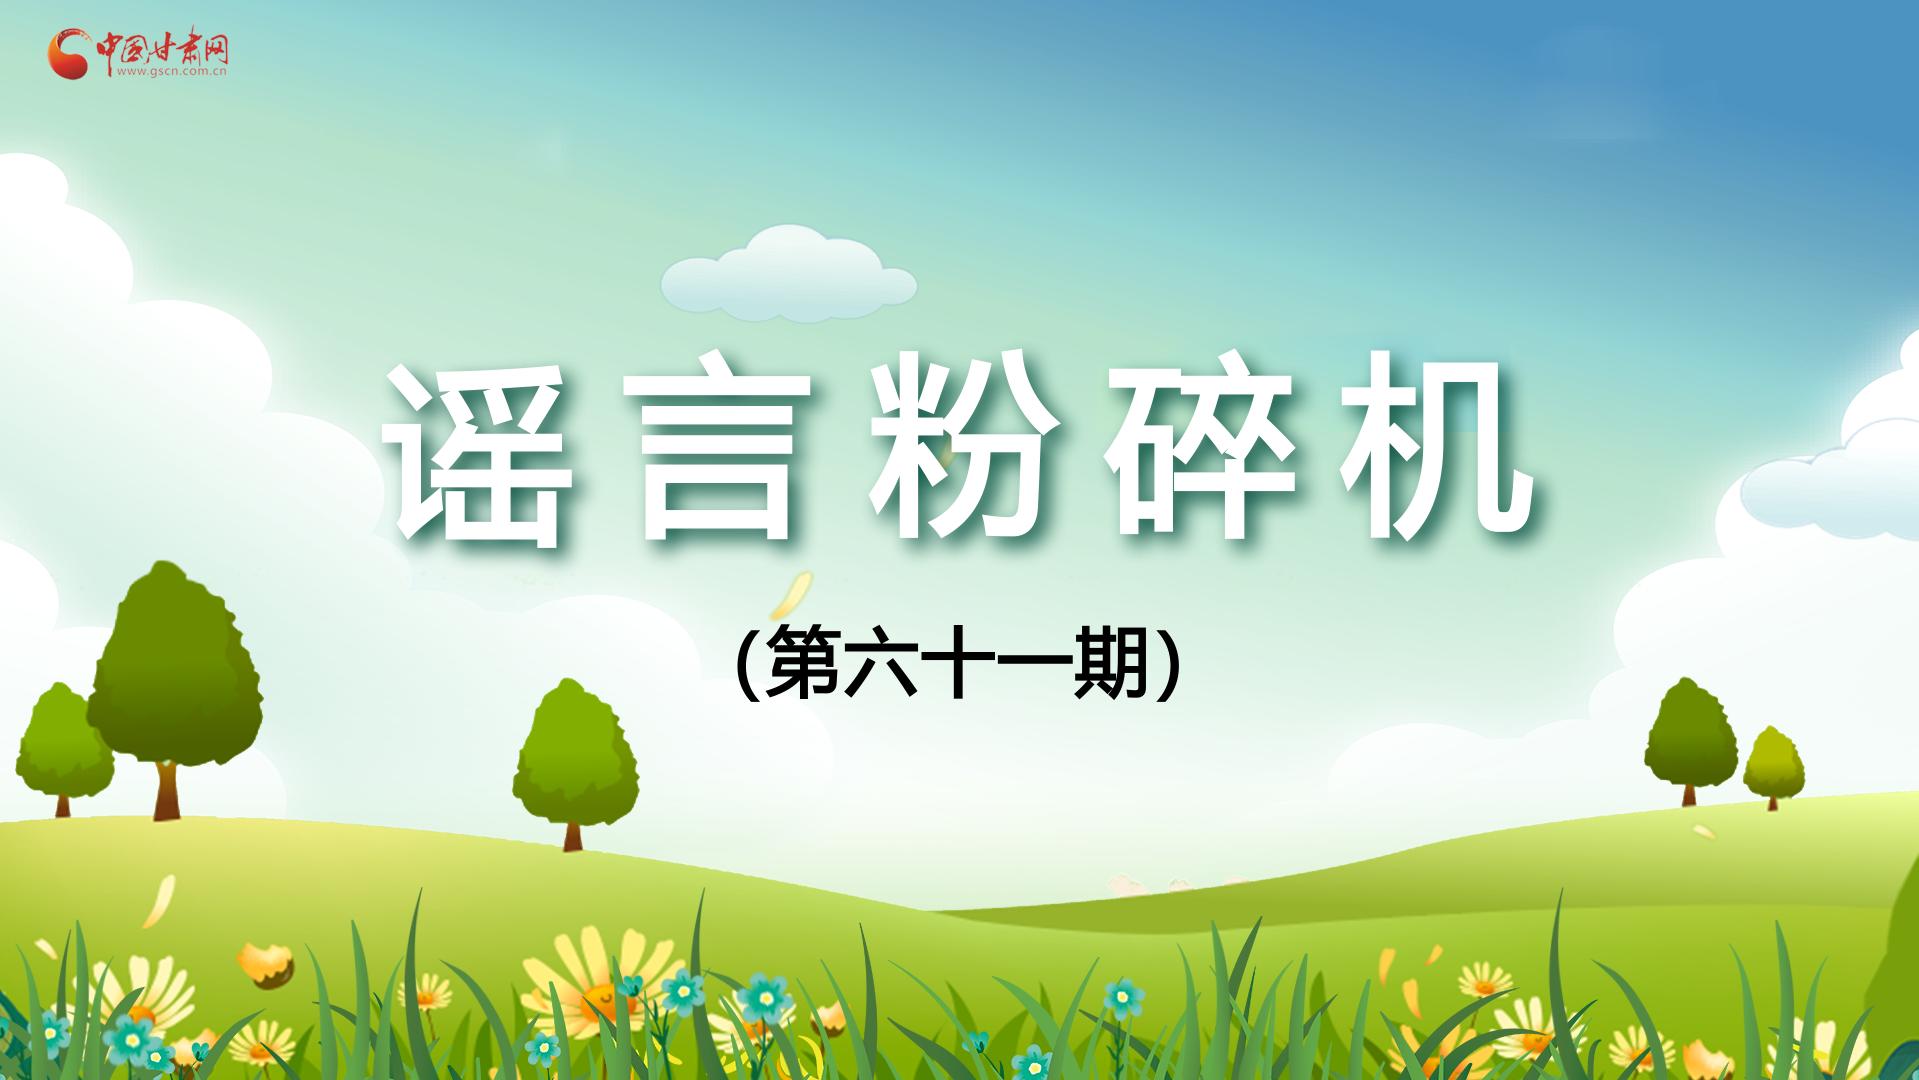 【洋芋蛋视频】谣言粉碎机(六十一)吹风机竟可以治鼻炎?继续吹哨人,彭志勇医生?——官方辟谣